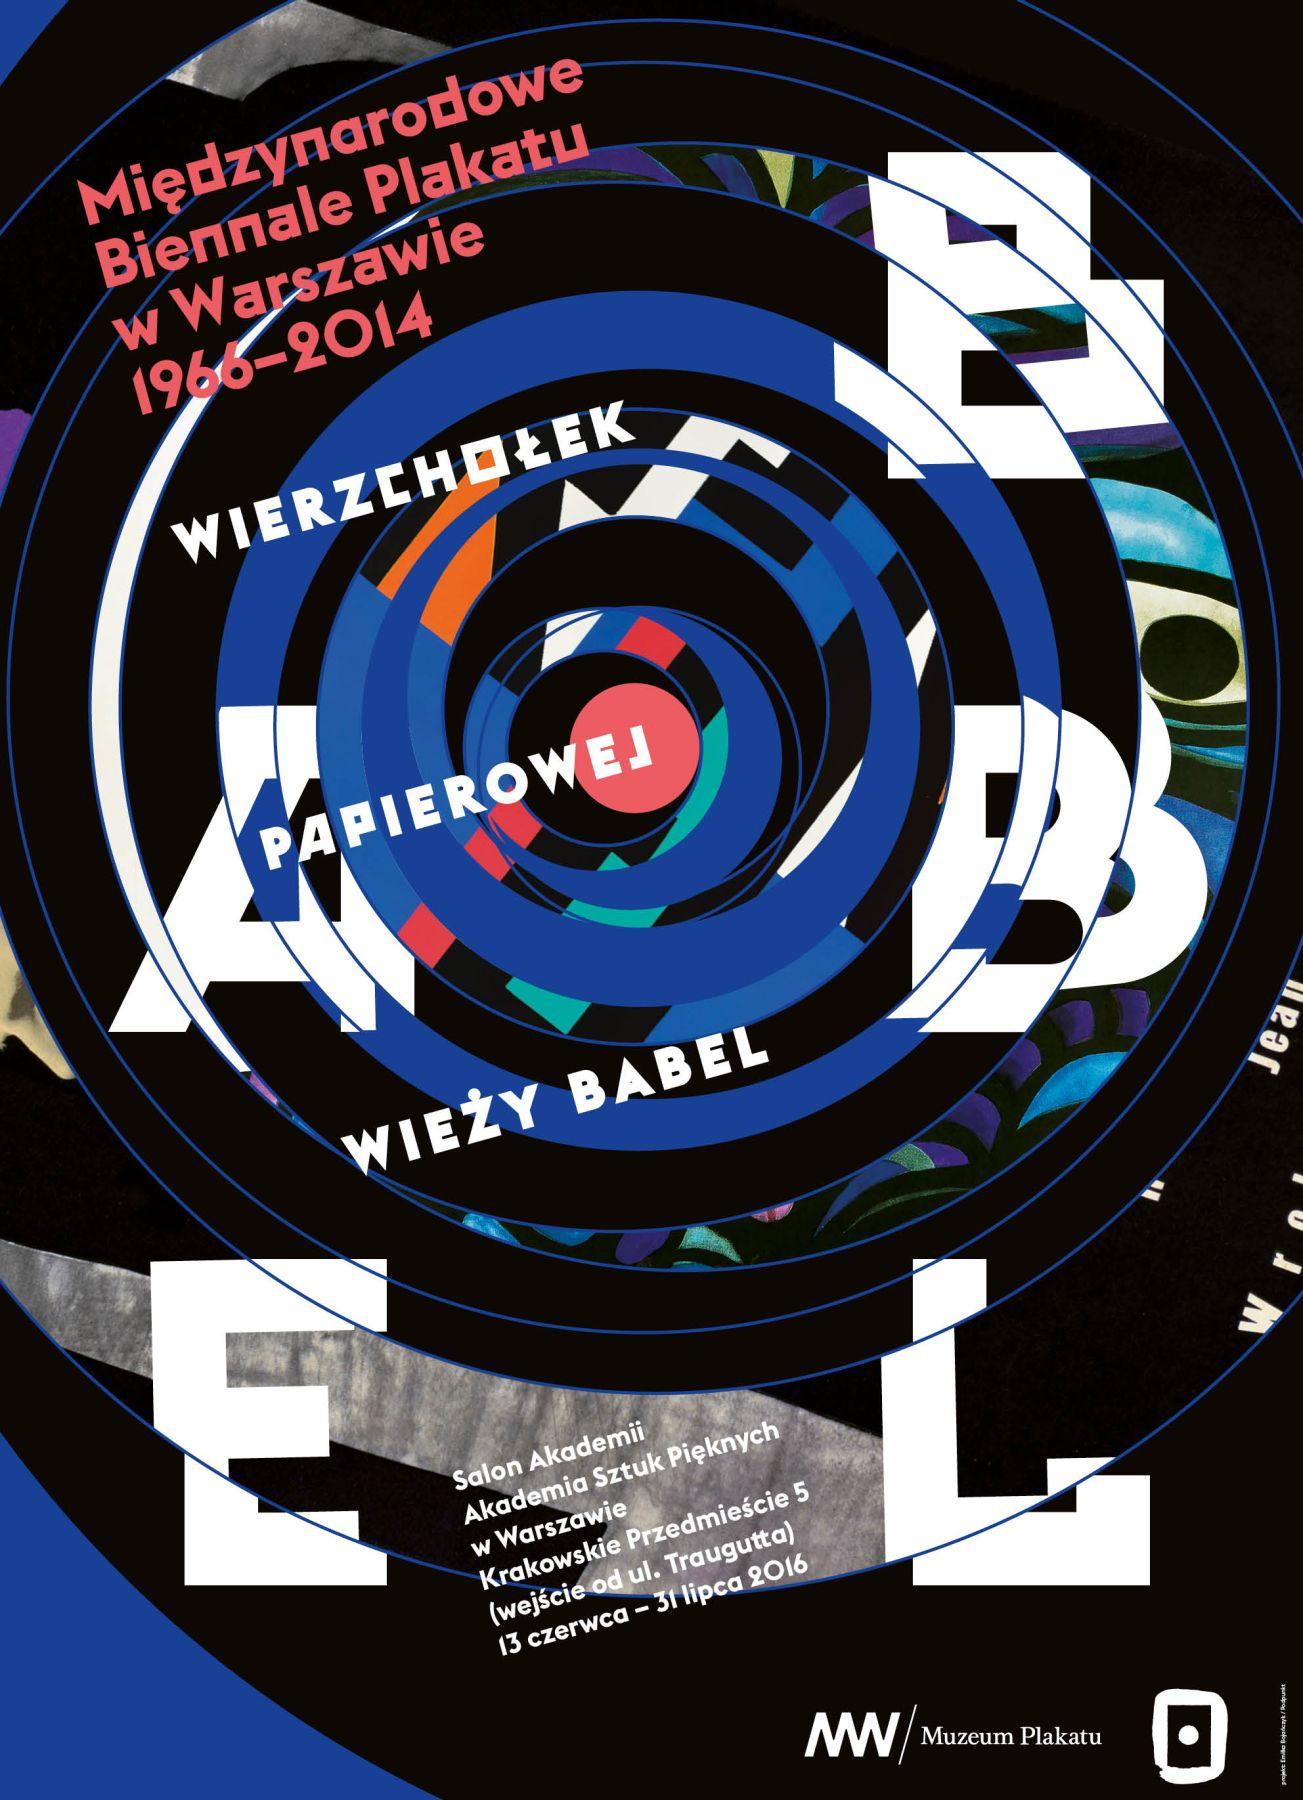 """""""Wierzchołek papierowej wieży Babel"""" – w ramach Międzynarodowego Biennale Plakatu w Warszawie 1966–2014, plakat (źródło: materiały prasowe organizatora)"""